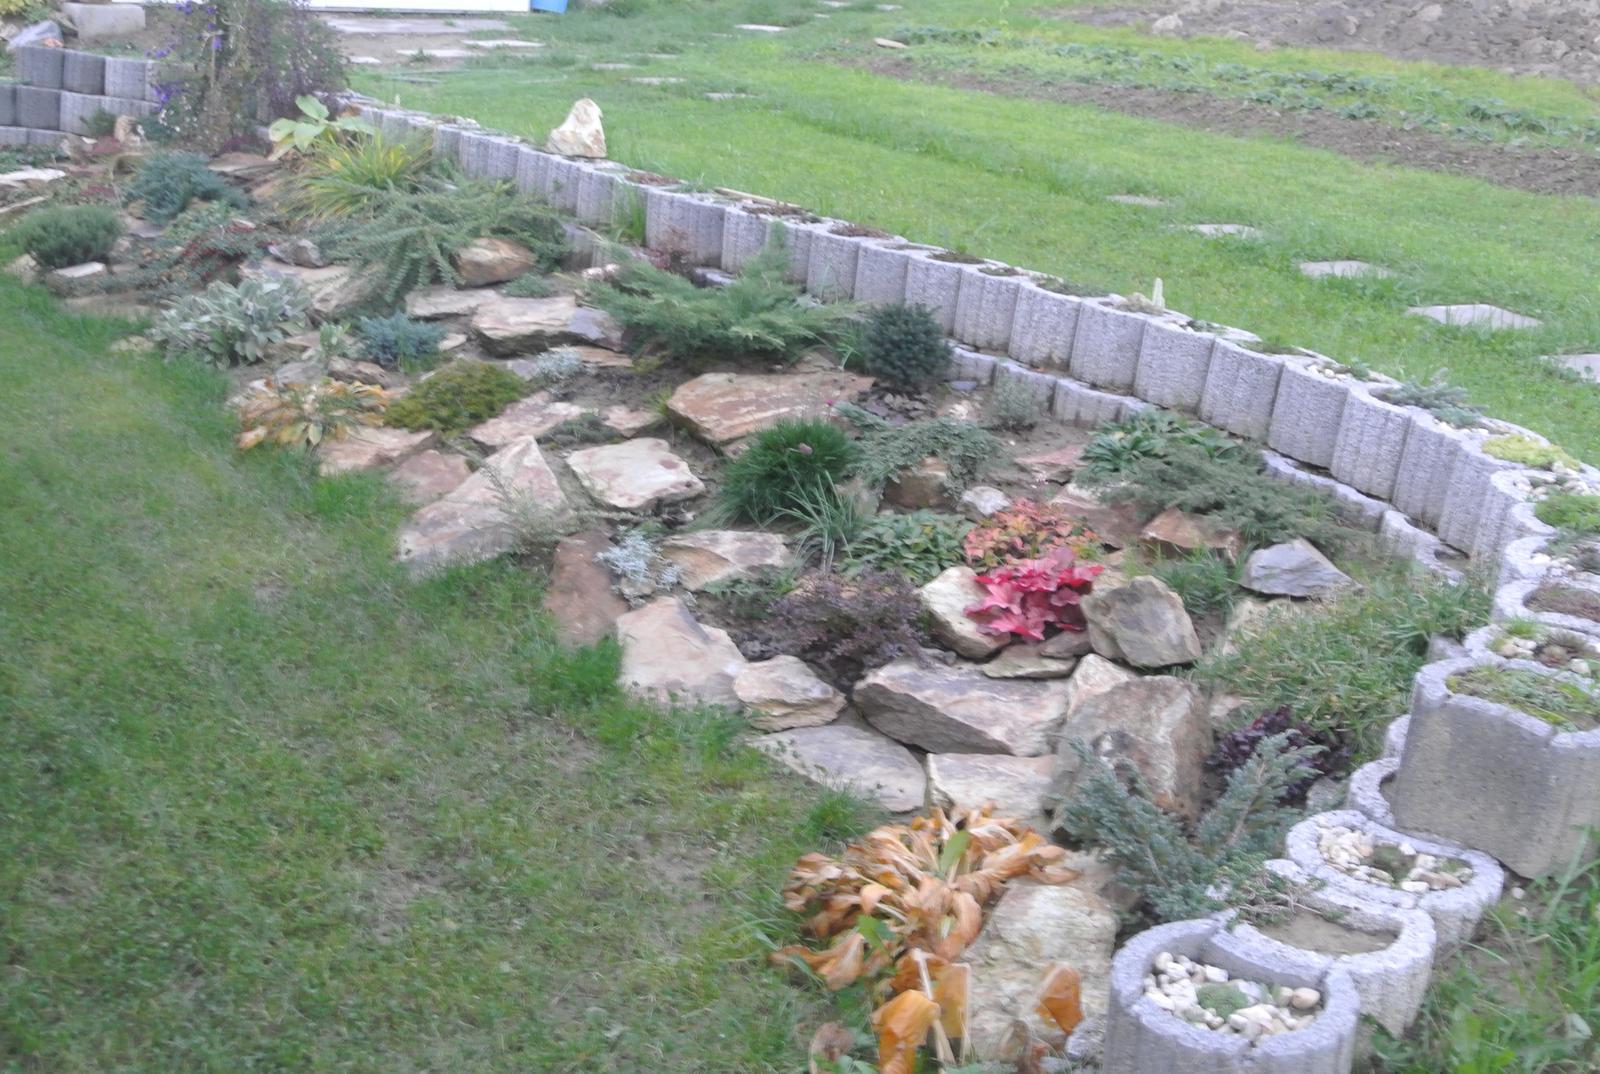 Budujeme okrasnú aj úžitkovú záhradu - November.